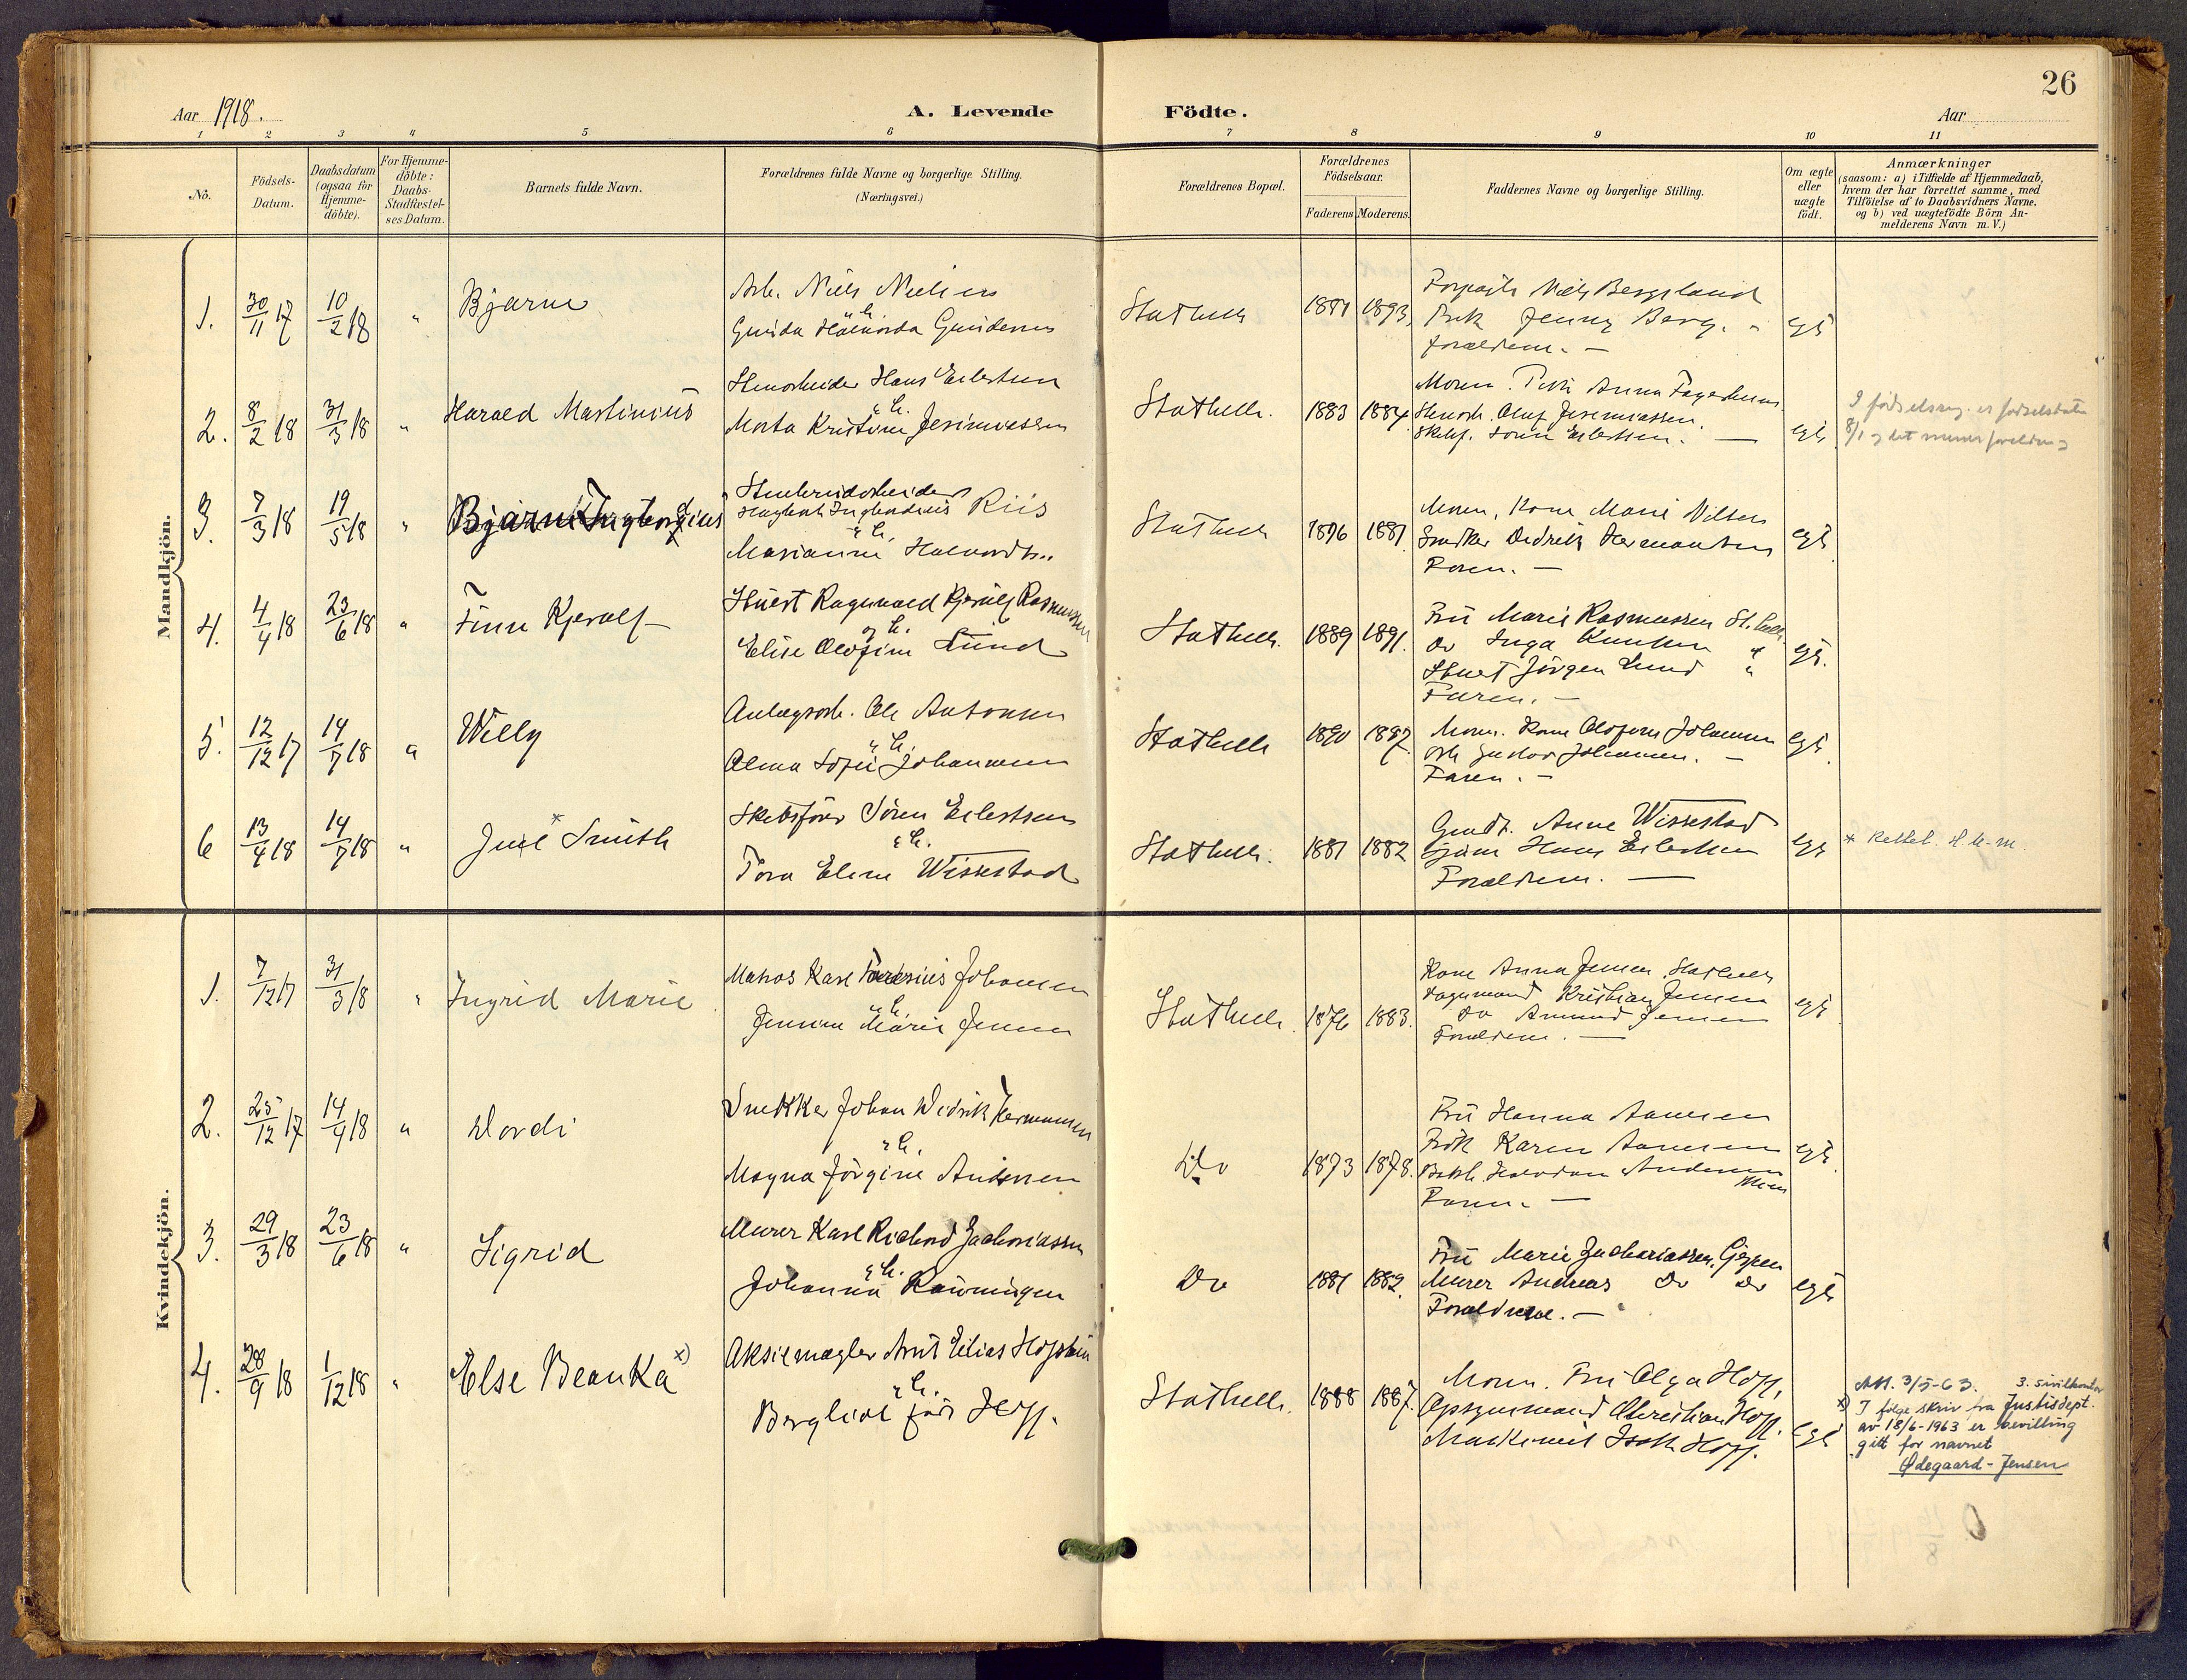 SAKO, Bamble kirkebøker, F/Fb/L0002: Ministerialbok nr. II 2, 1900-1921, s. 26